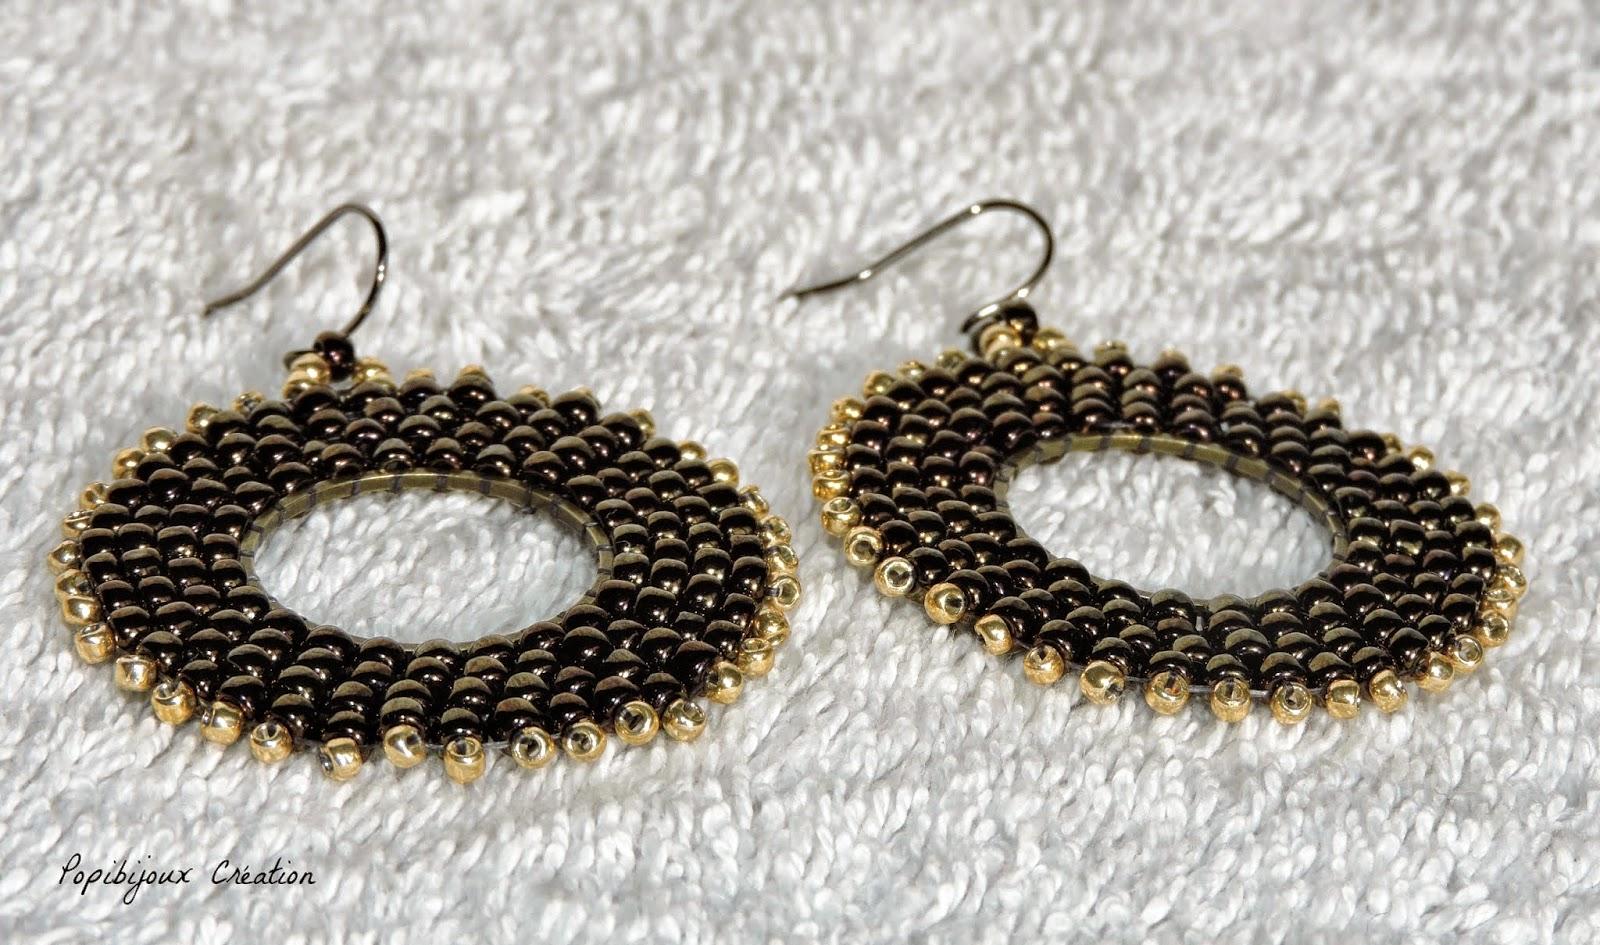 Les creations de popibijoux tuto boucles d 39 oreille anneaux tisses - Tuto boucle d oreille perle ...